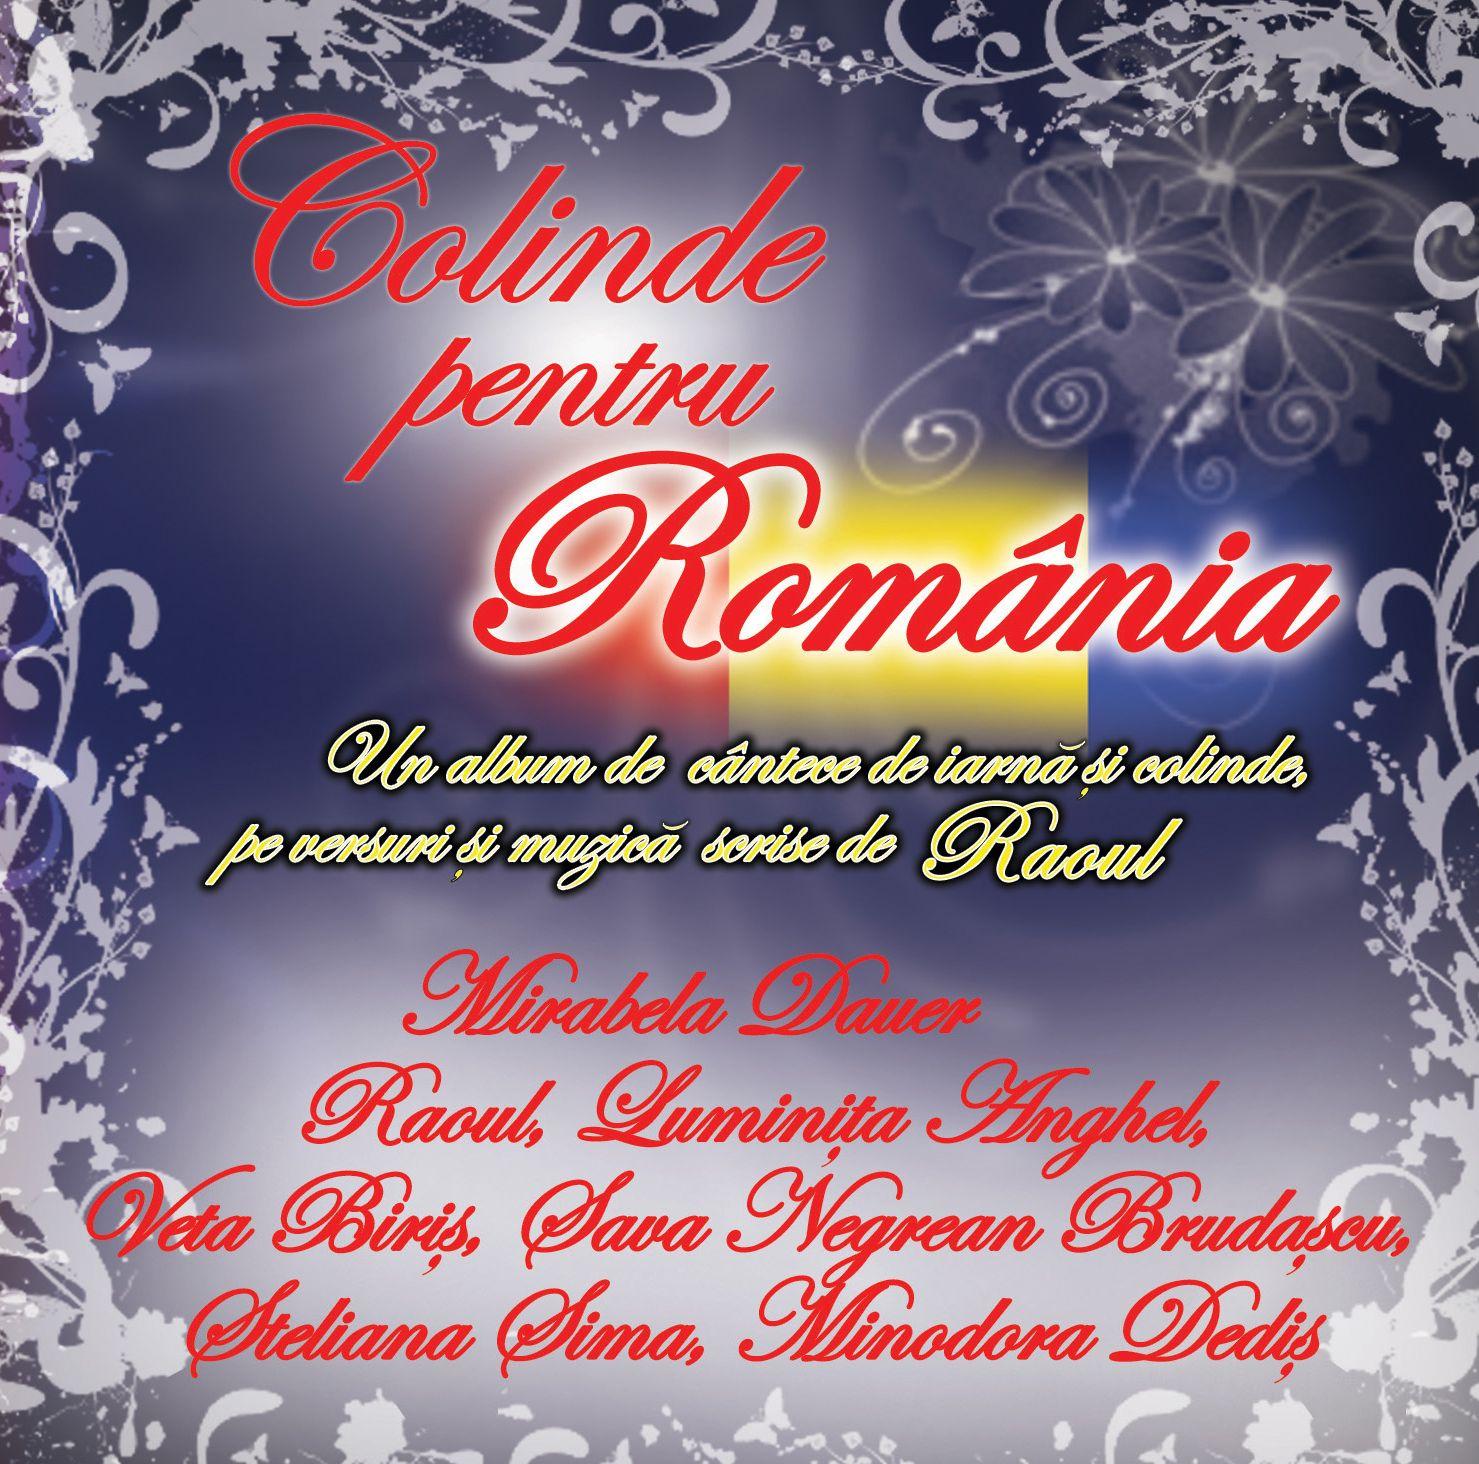 coperta fata COLINDE PENTRU ROMANIA